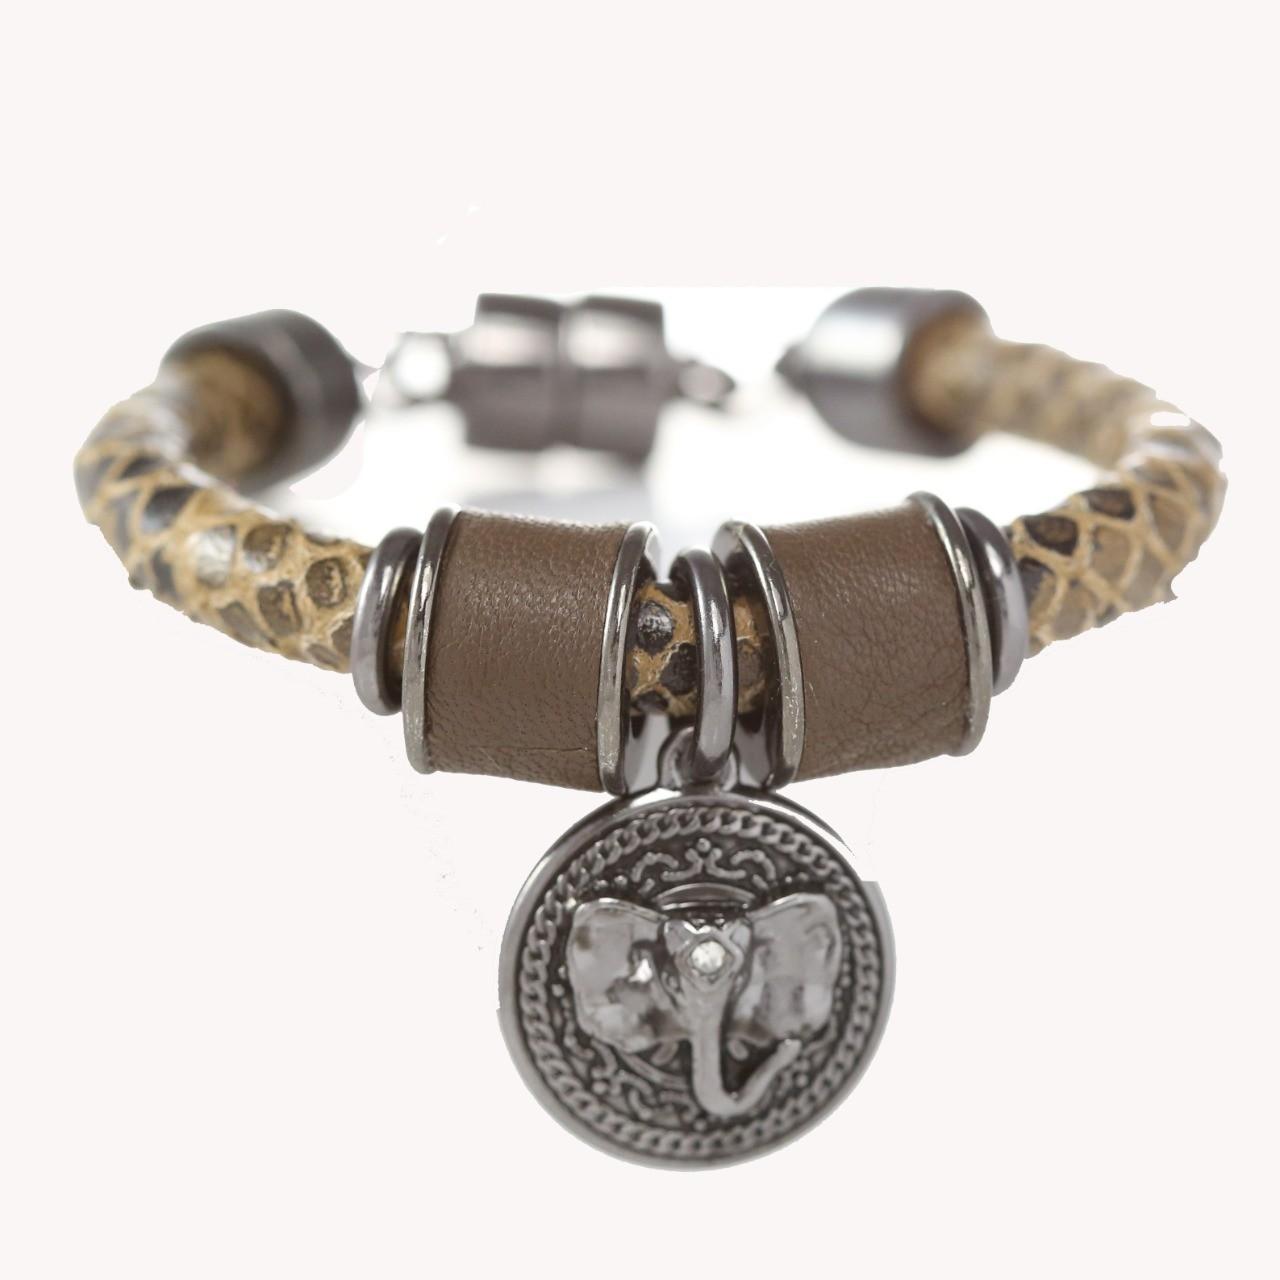 Pulseira Tira Redonda Elefante - Croco Militar com ônix